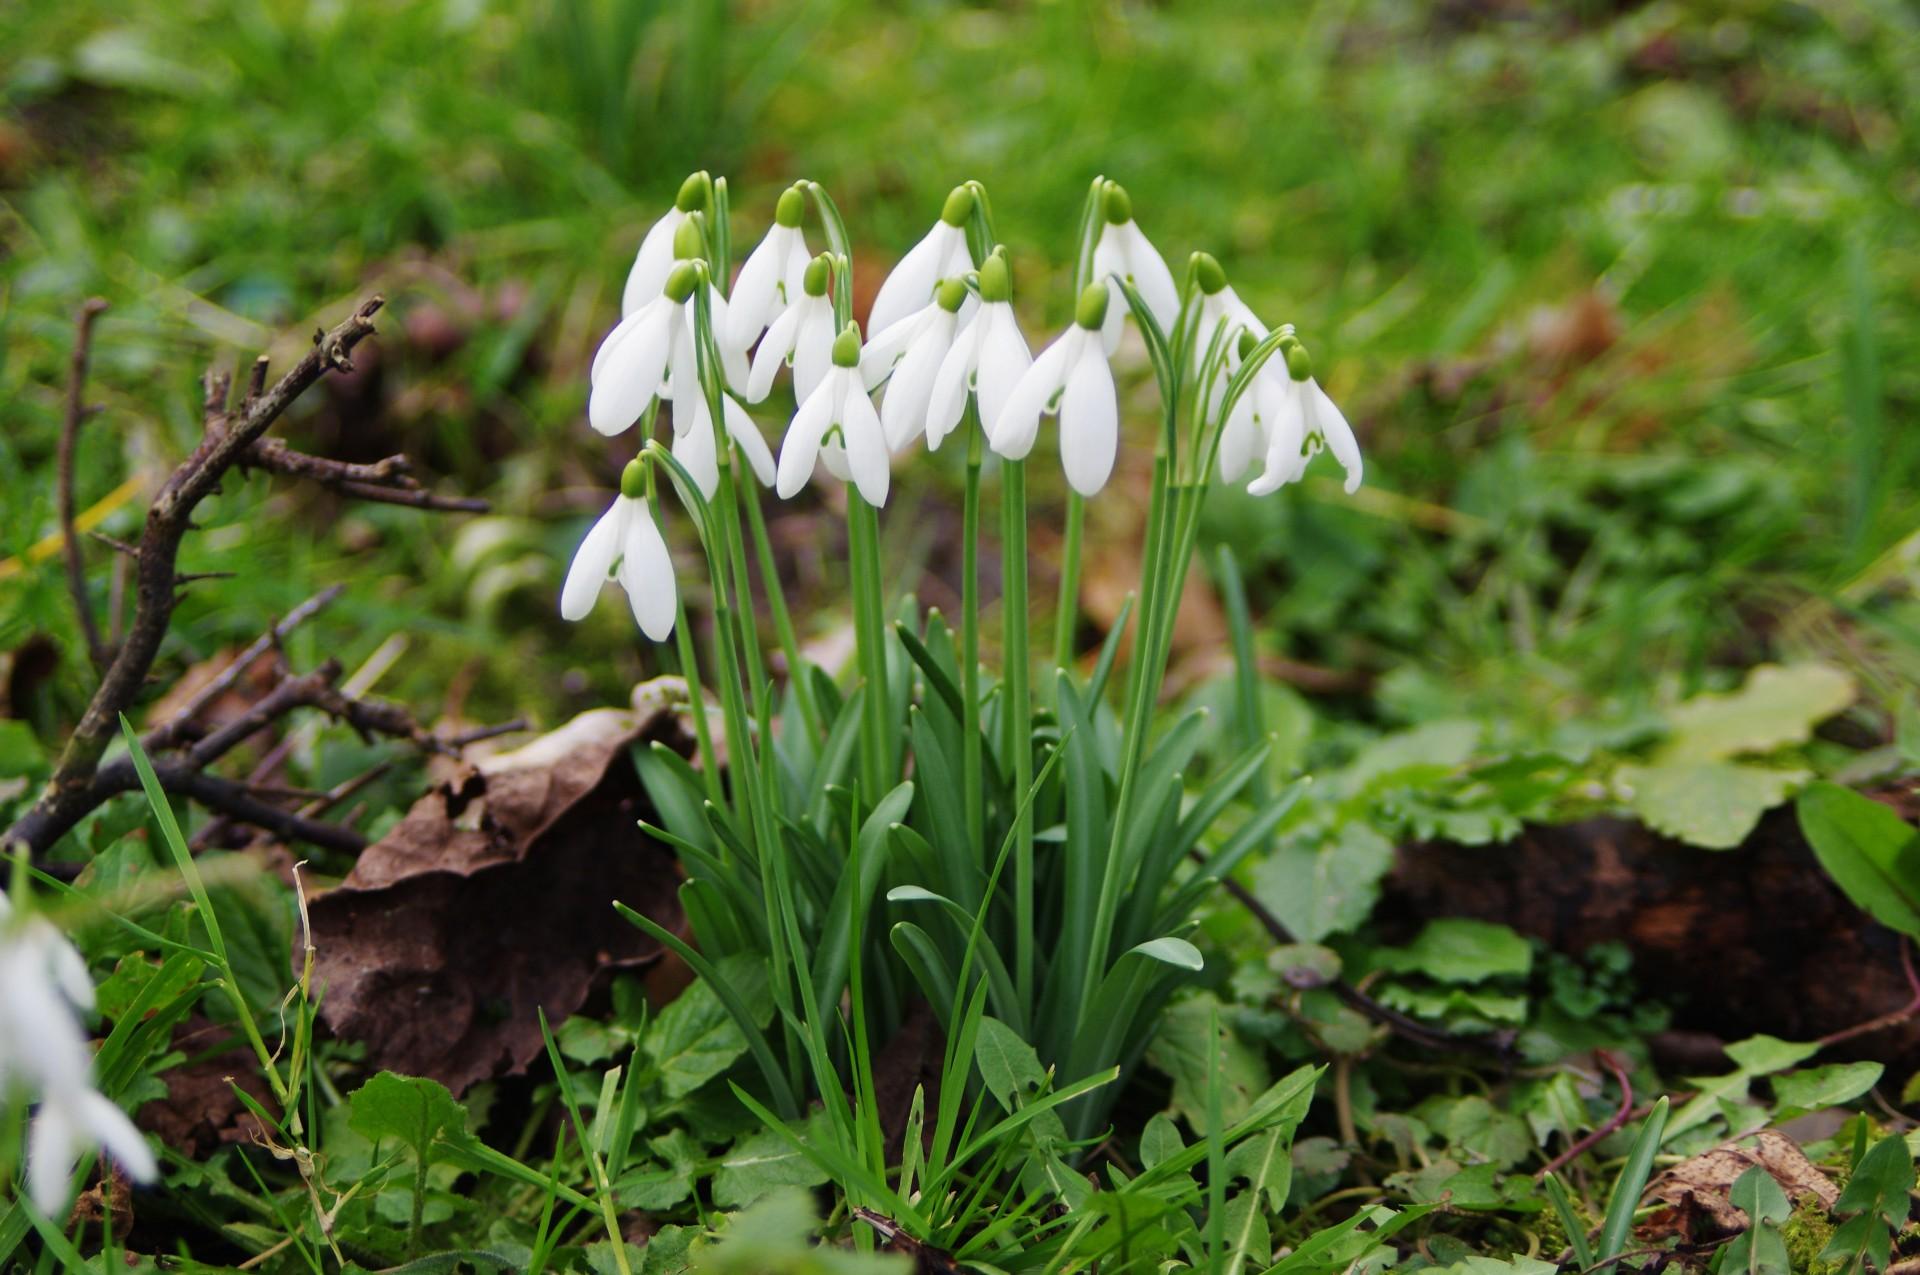 La campanilla de invierno es una bulboa de flor blanca